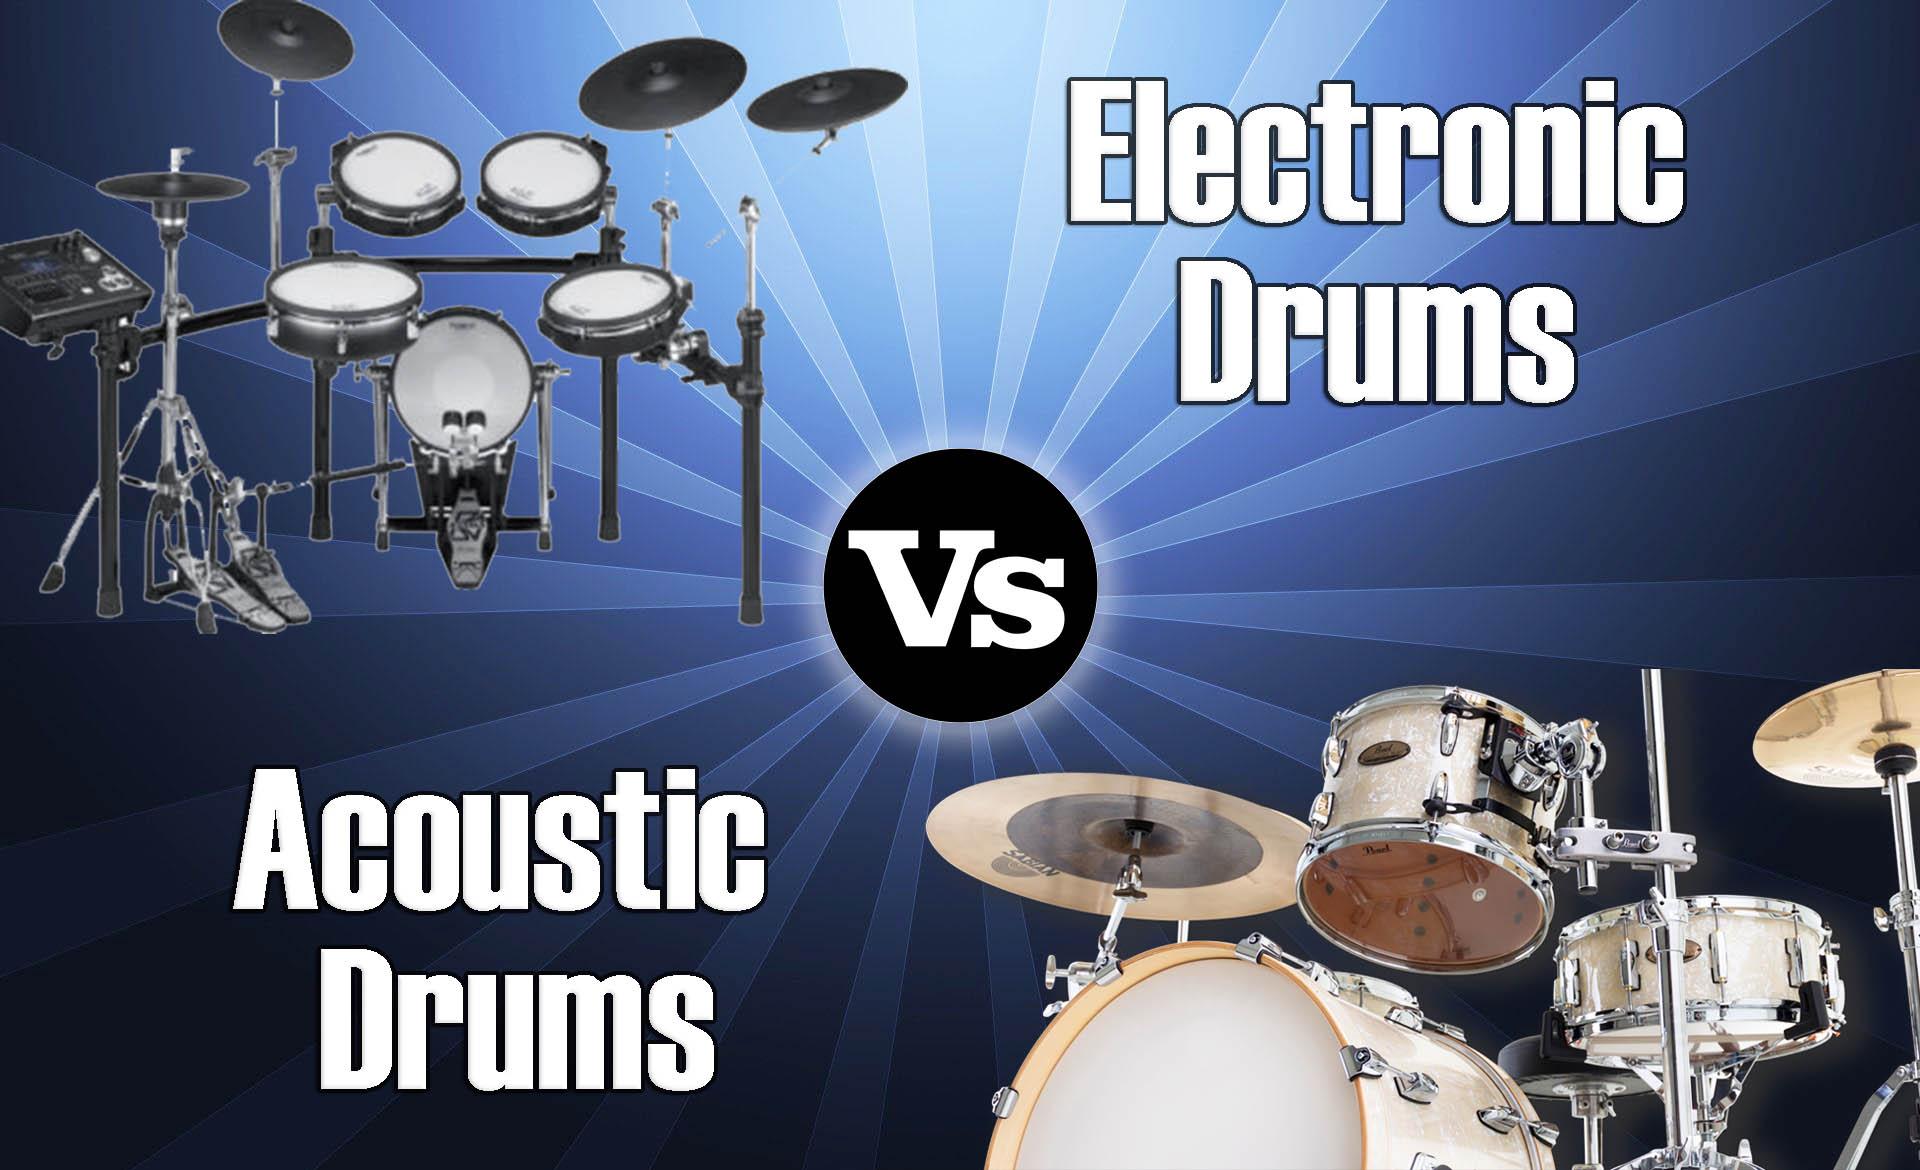 blog, electronic drums, acoustic drums, acousitc vs electronic drums, buying drums, drum buying tips, electronic drums tips, drummer blog, drum blog, buying drums, pearl drums, tama drums, yamaha drums, dw drums, drums finish